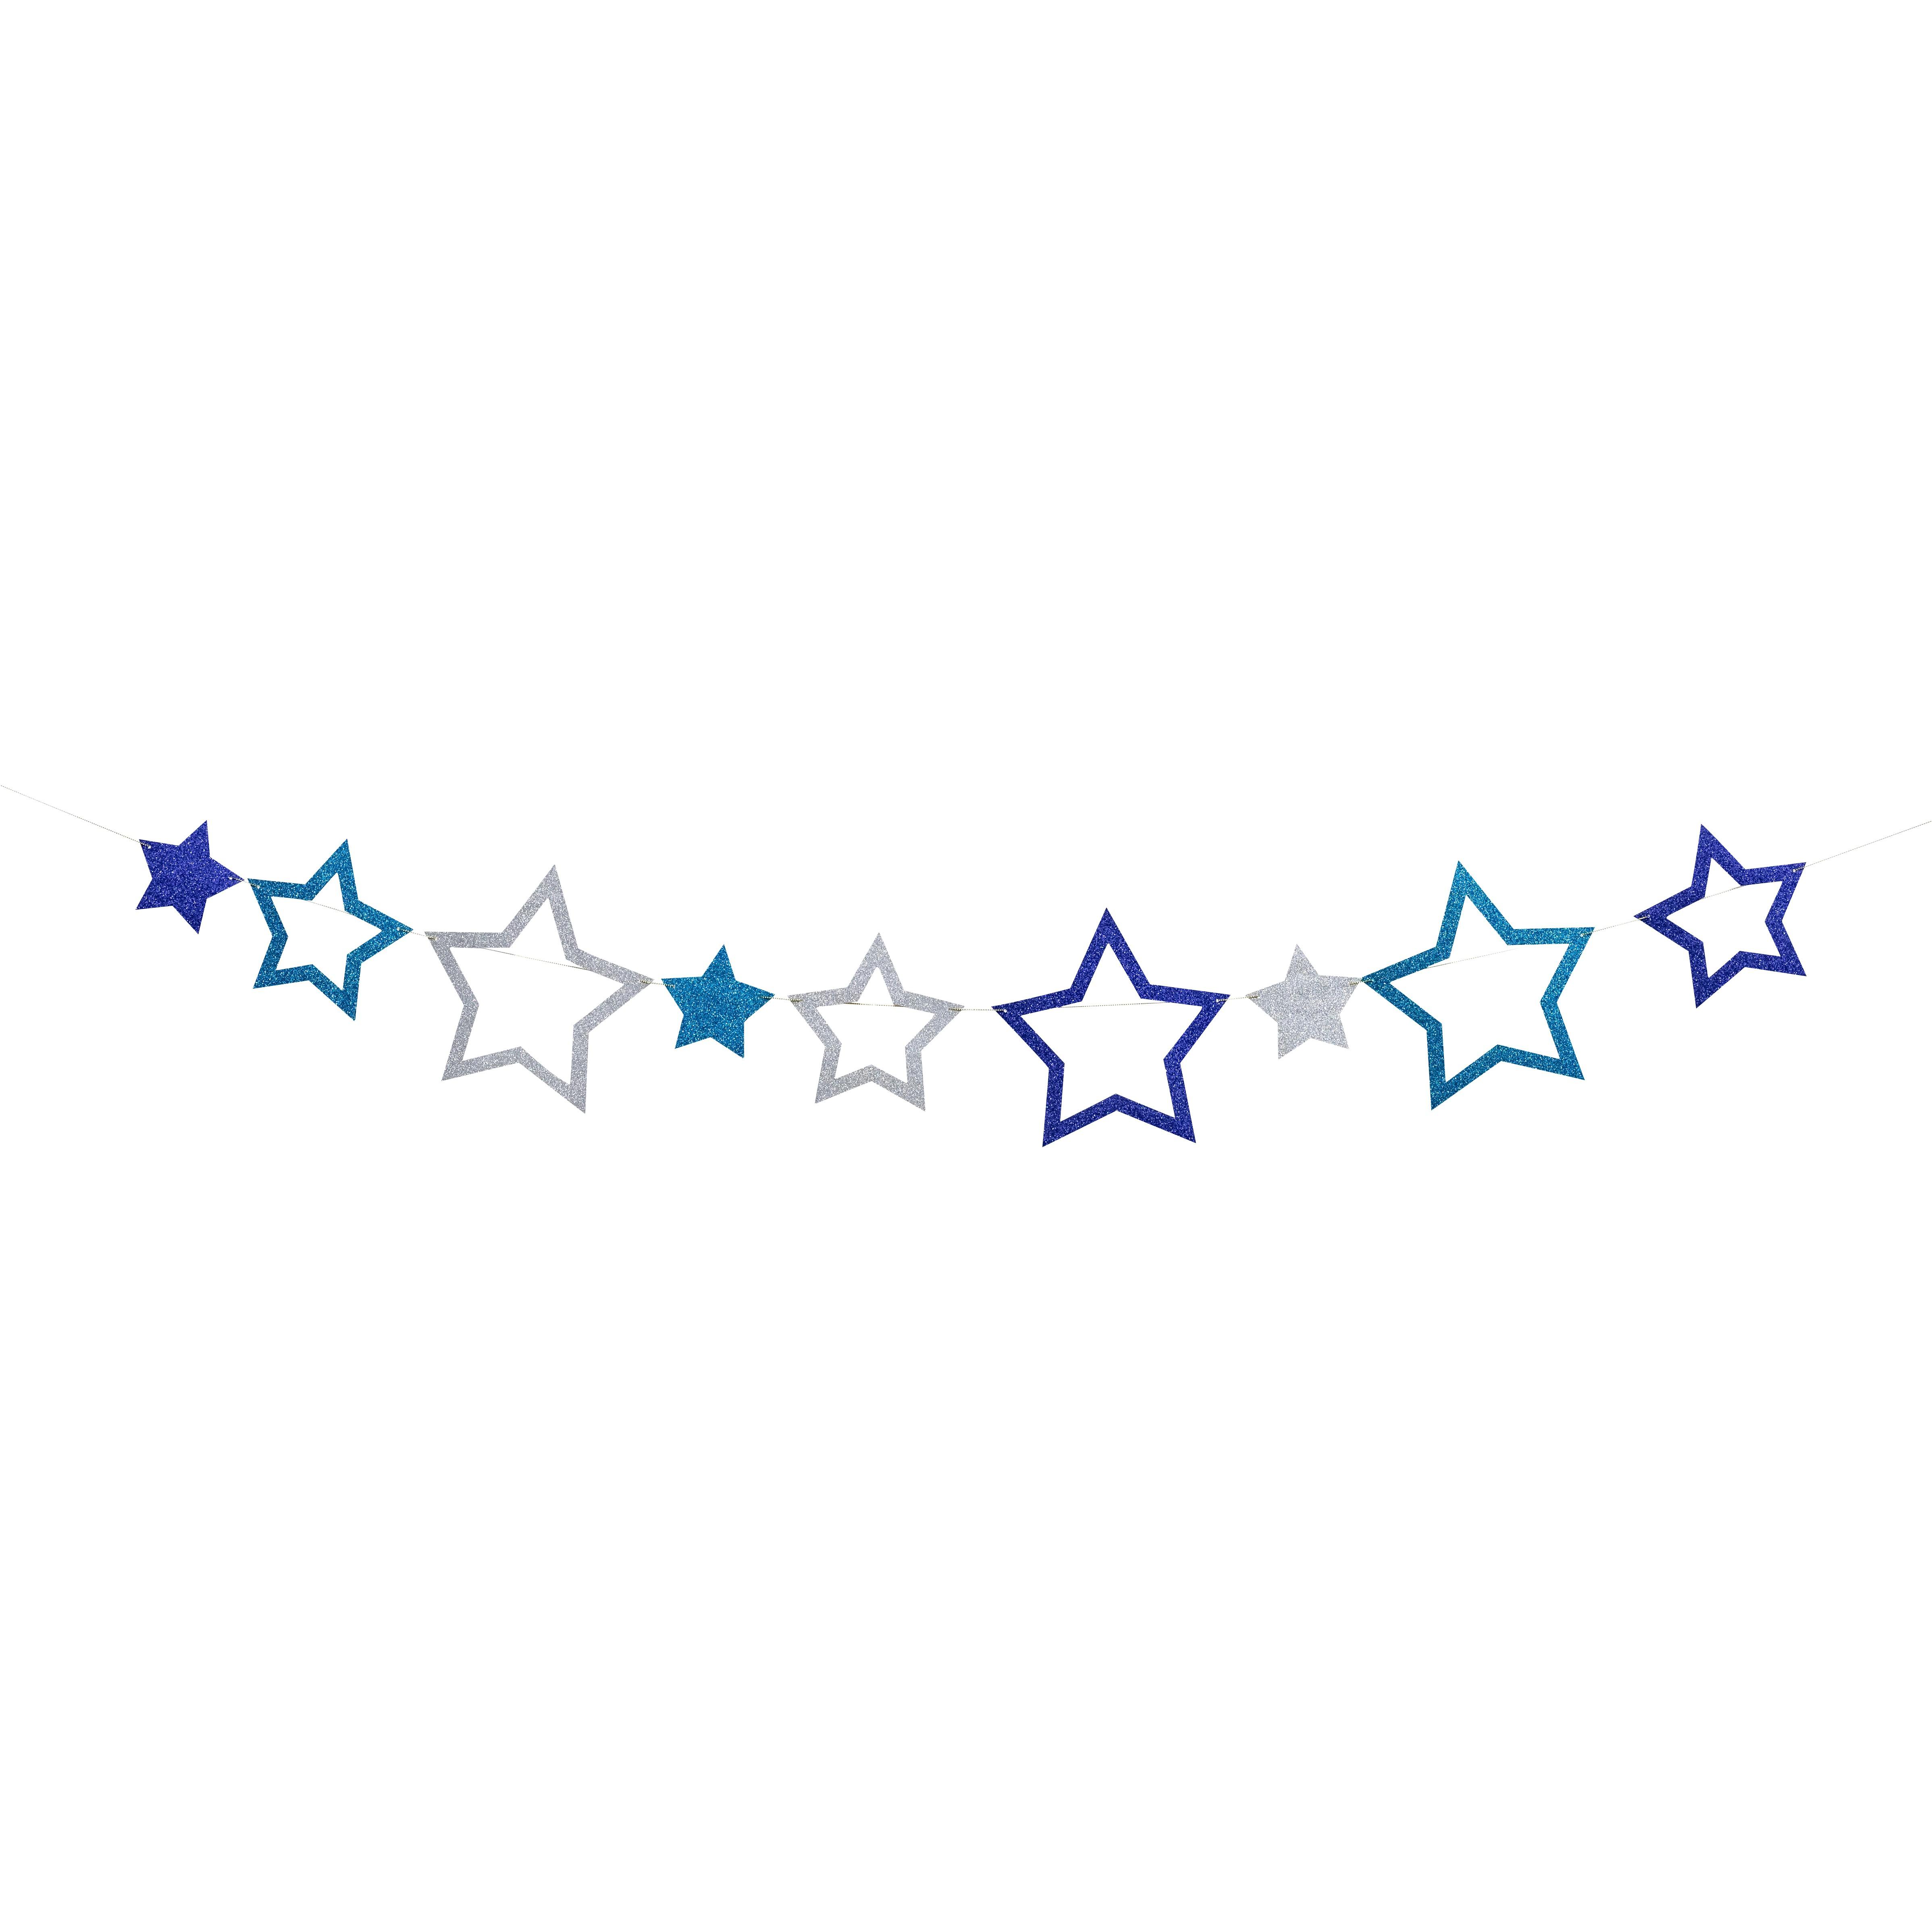 שרשרת כוכבים כחול כסף גליטר